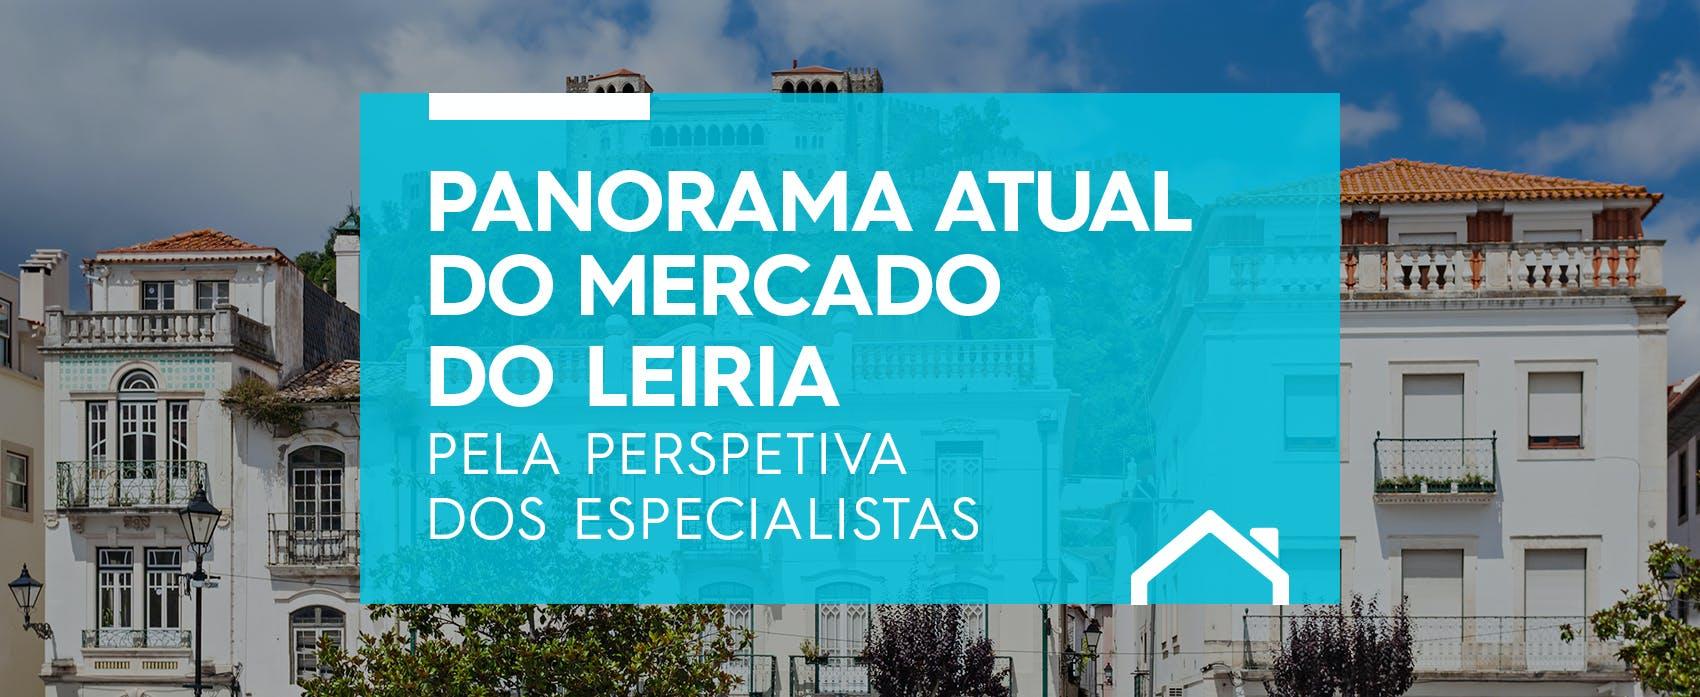 Panorama Atual do Mercado Imobiliário de Leiria pelo olhar dos Especialistas